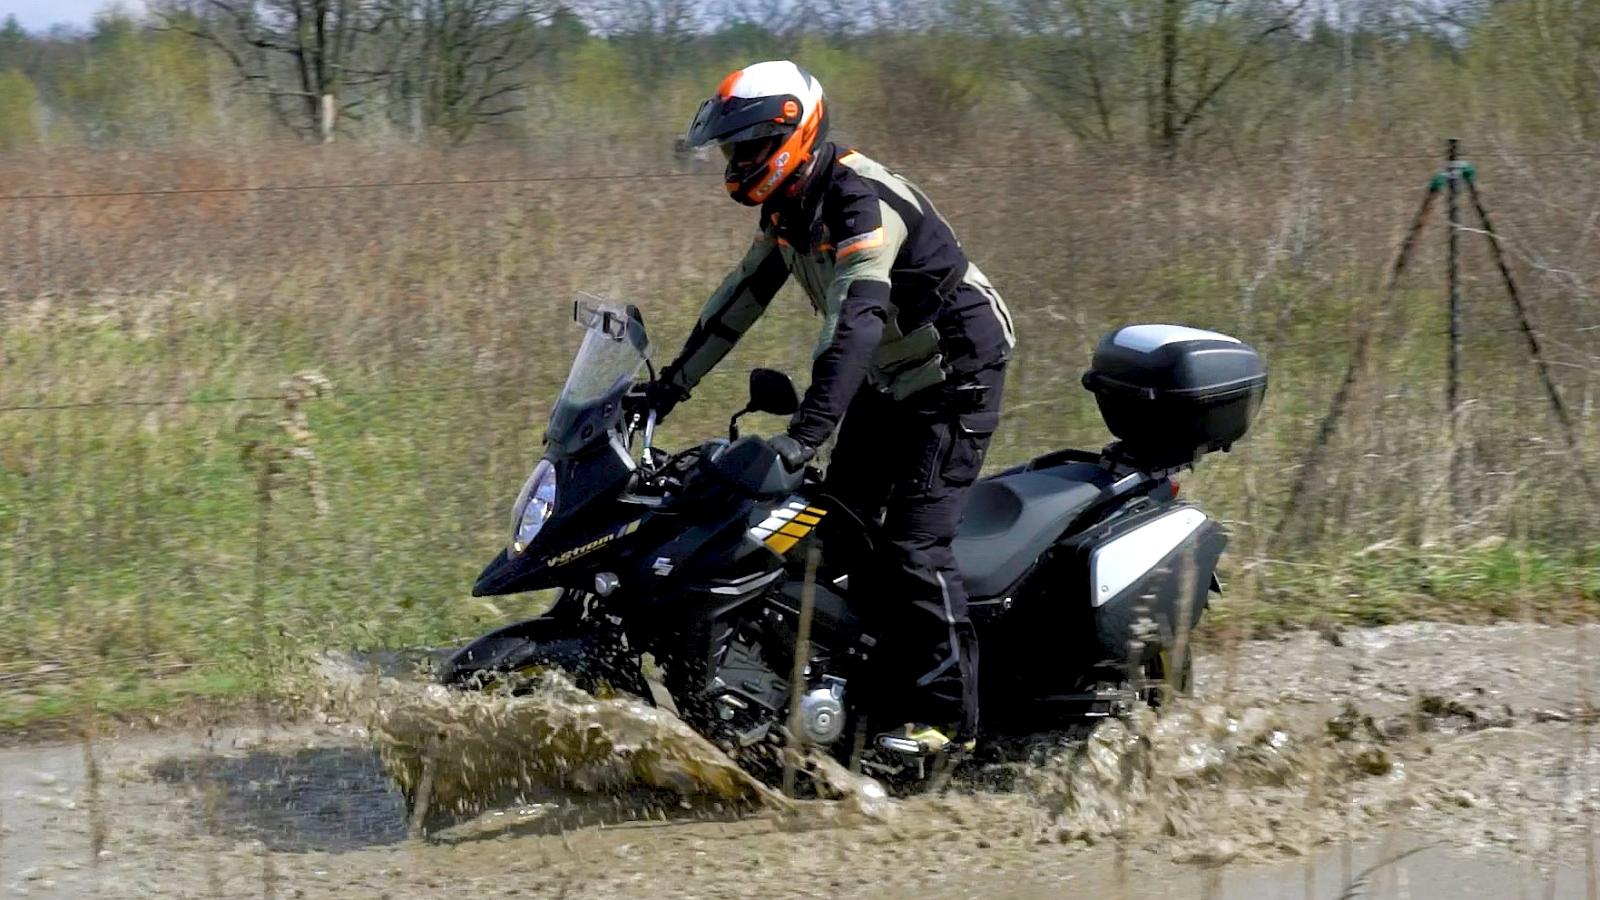 02 Suzuki DL 650 XT bloto